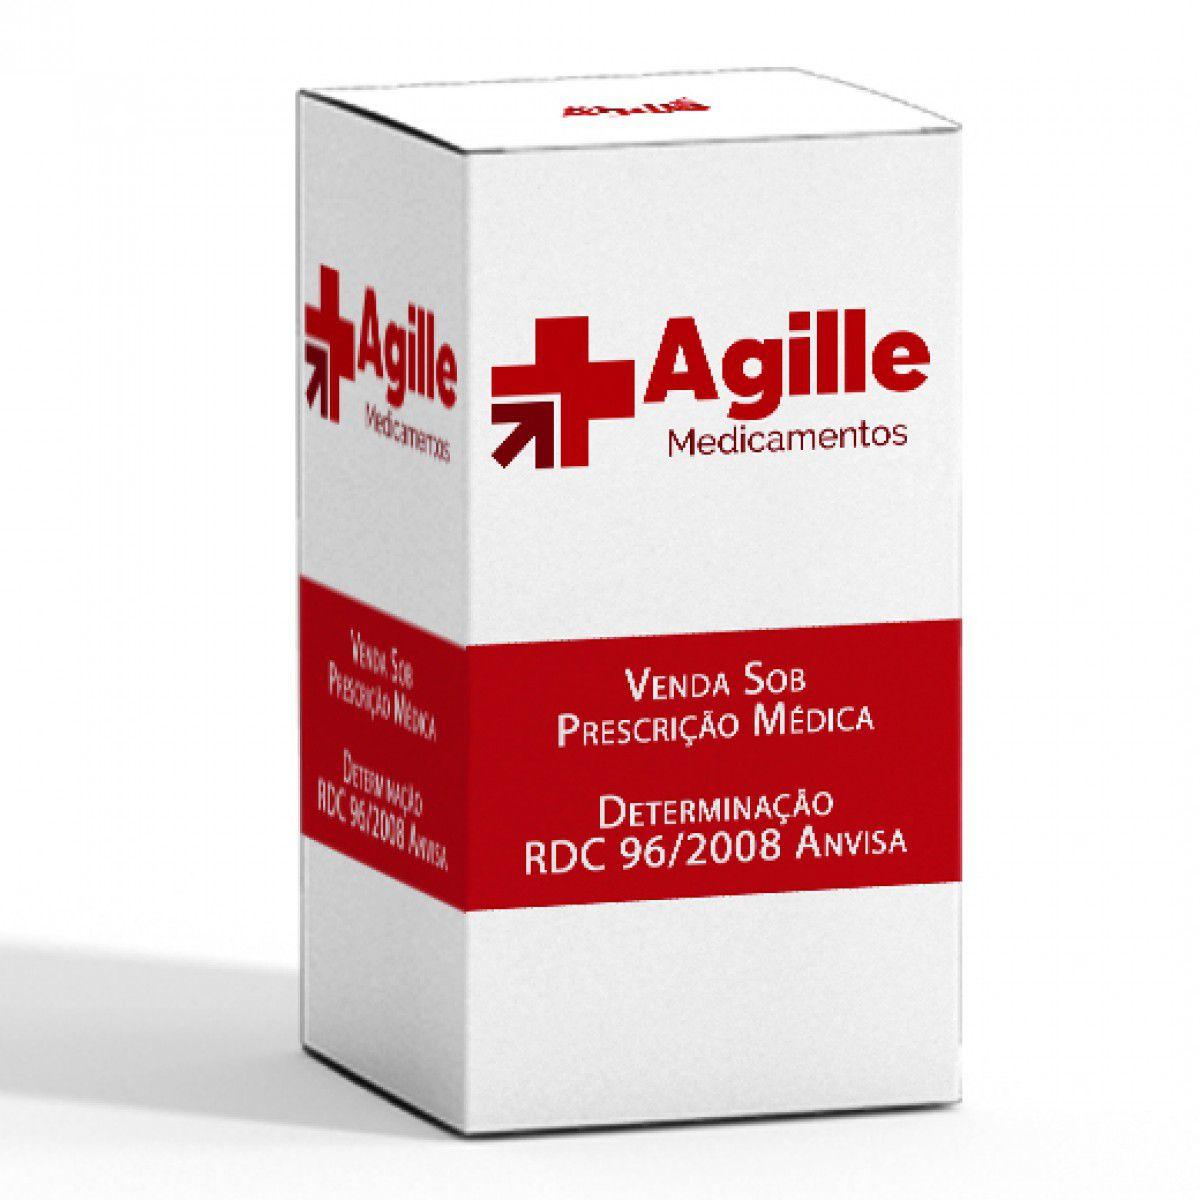 PUREGON 600UI (1CARPULE 0,840ML + 6 AGULHAS)  - Agille Speciality